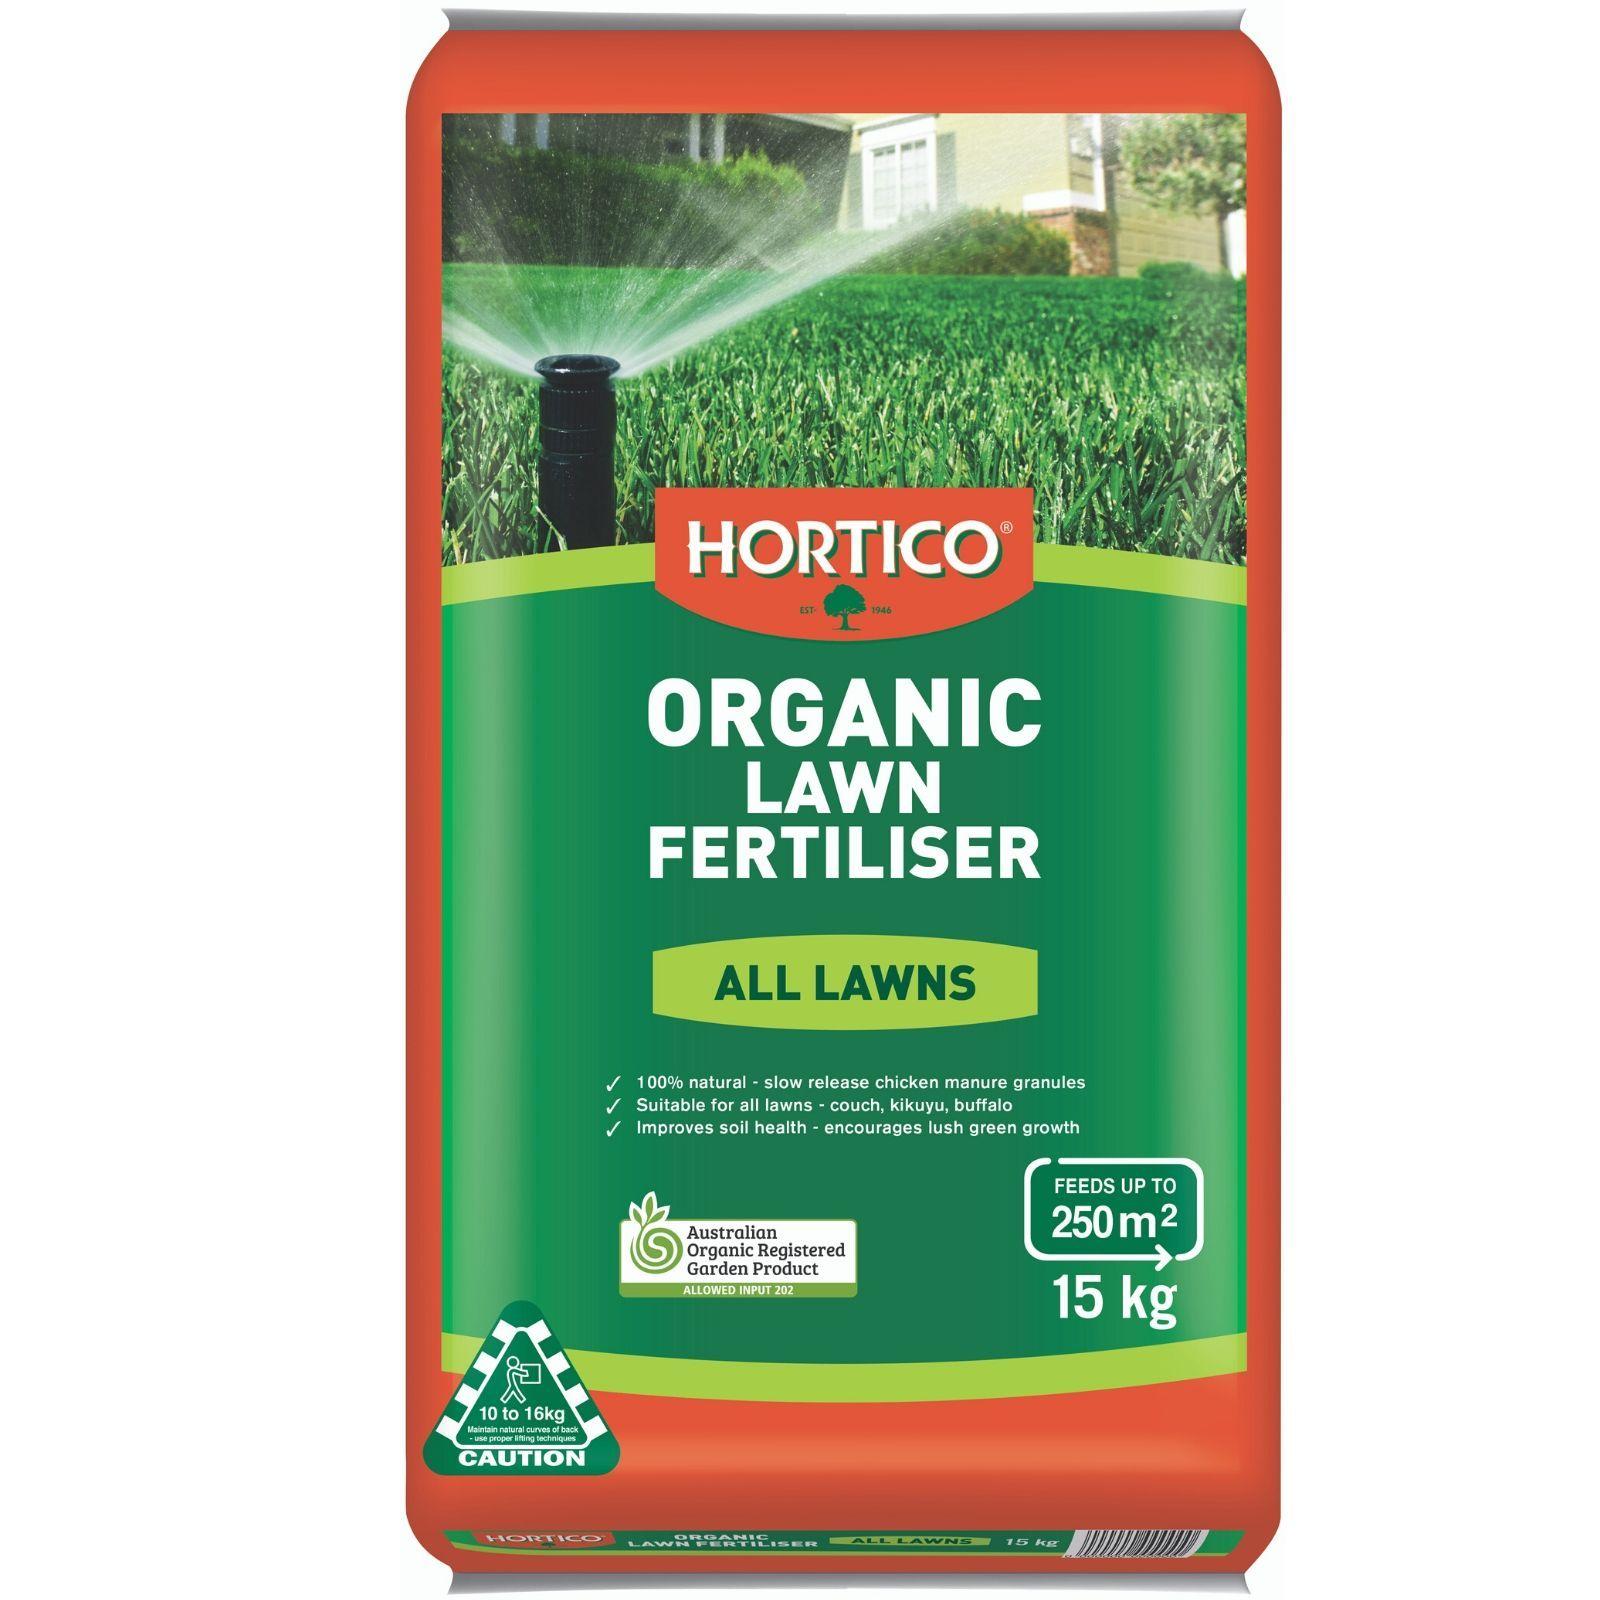 Hortico 15kg Organic Lawn Fertiliser in 2020 Organic